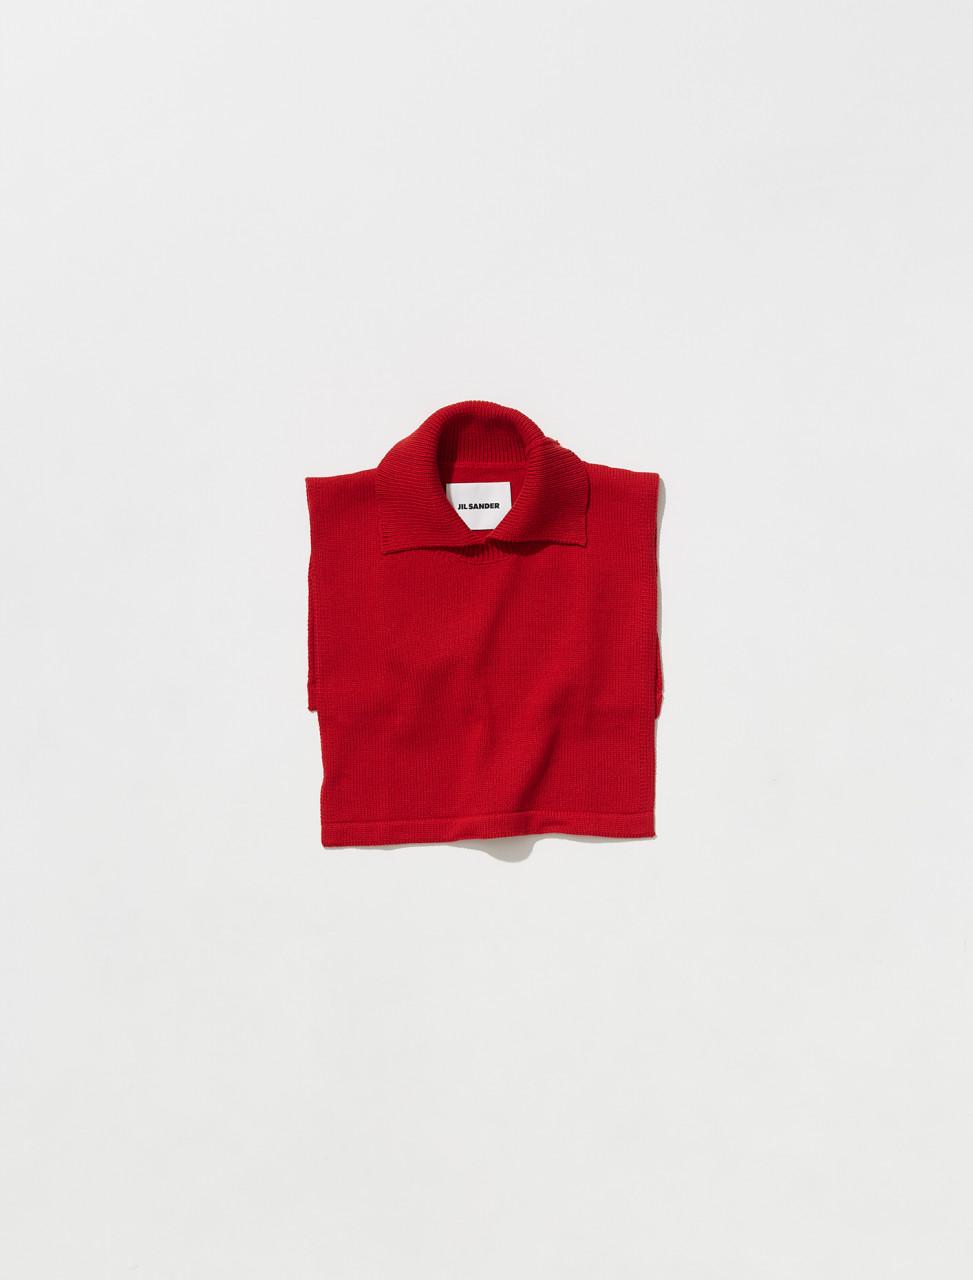 JSMT762031_MTY21608_619 JIL SANDER BIB WITH COLLAR IN RED